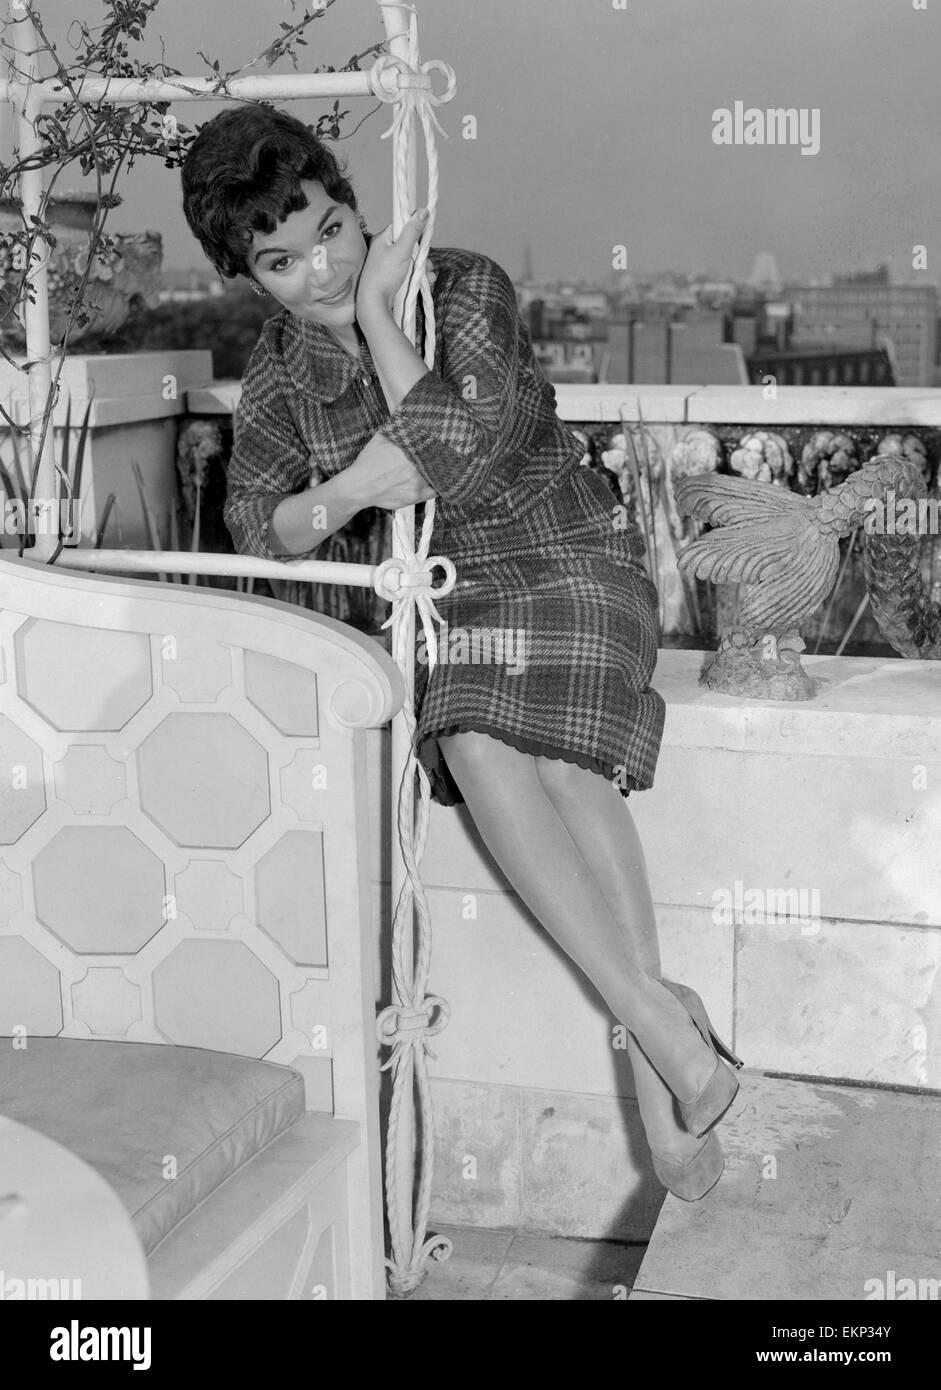 La chanteuse américaine Connie Francis photographié à son hôtel peu de temps après son arrivée au Royaume-Uni. 18 août 1959. Banque D'Images